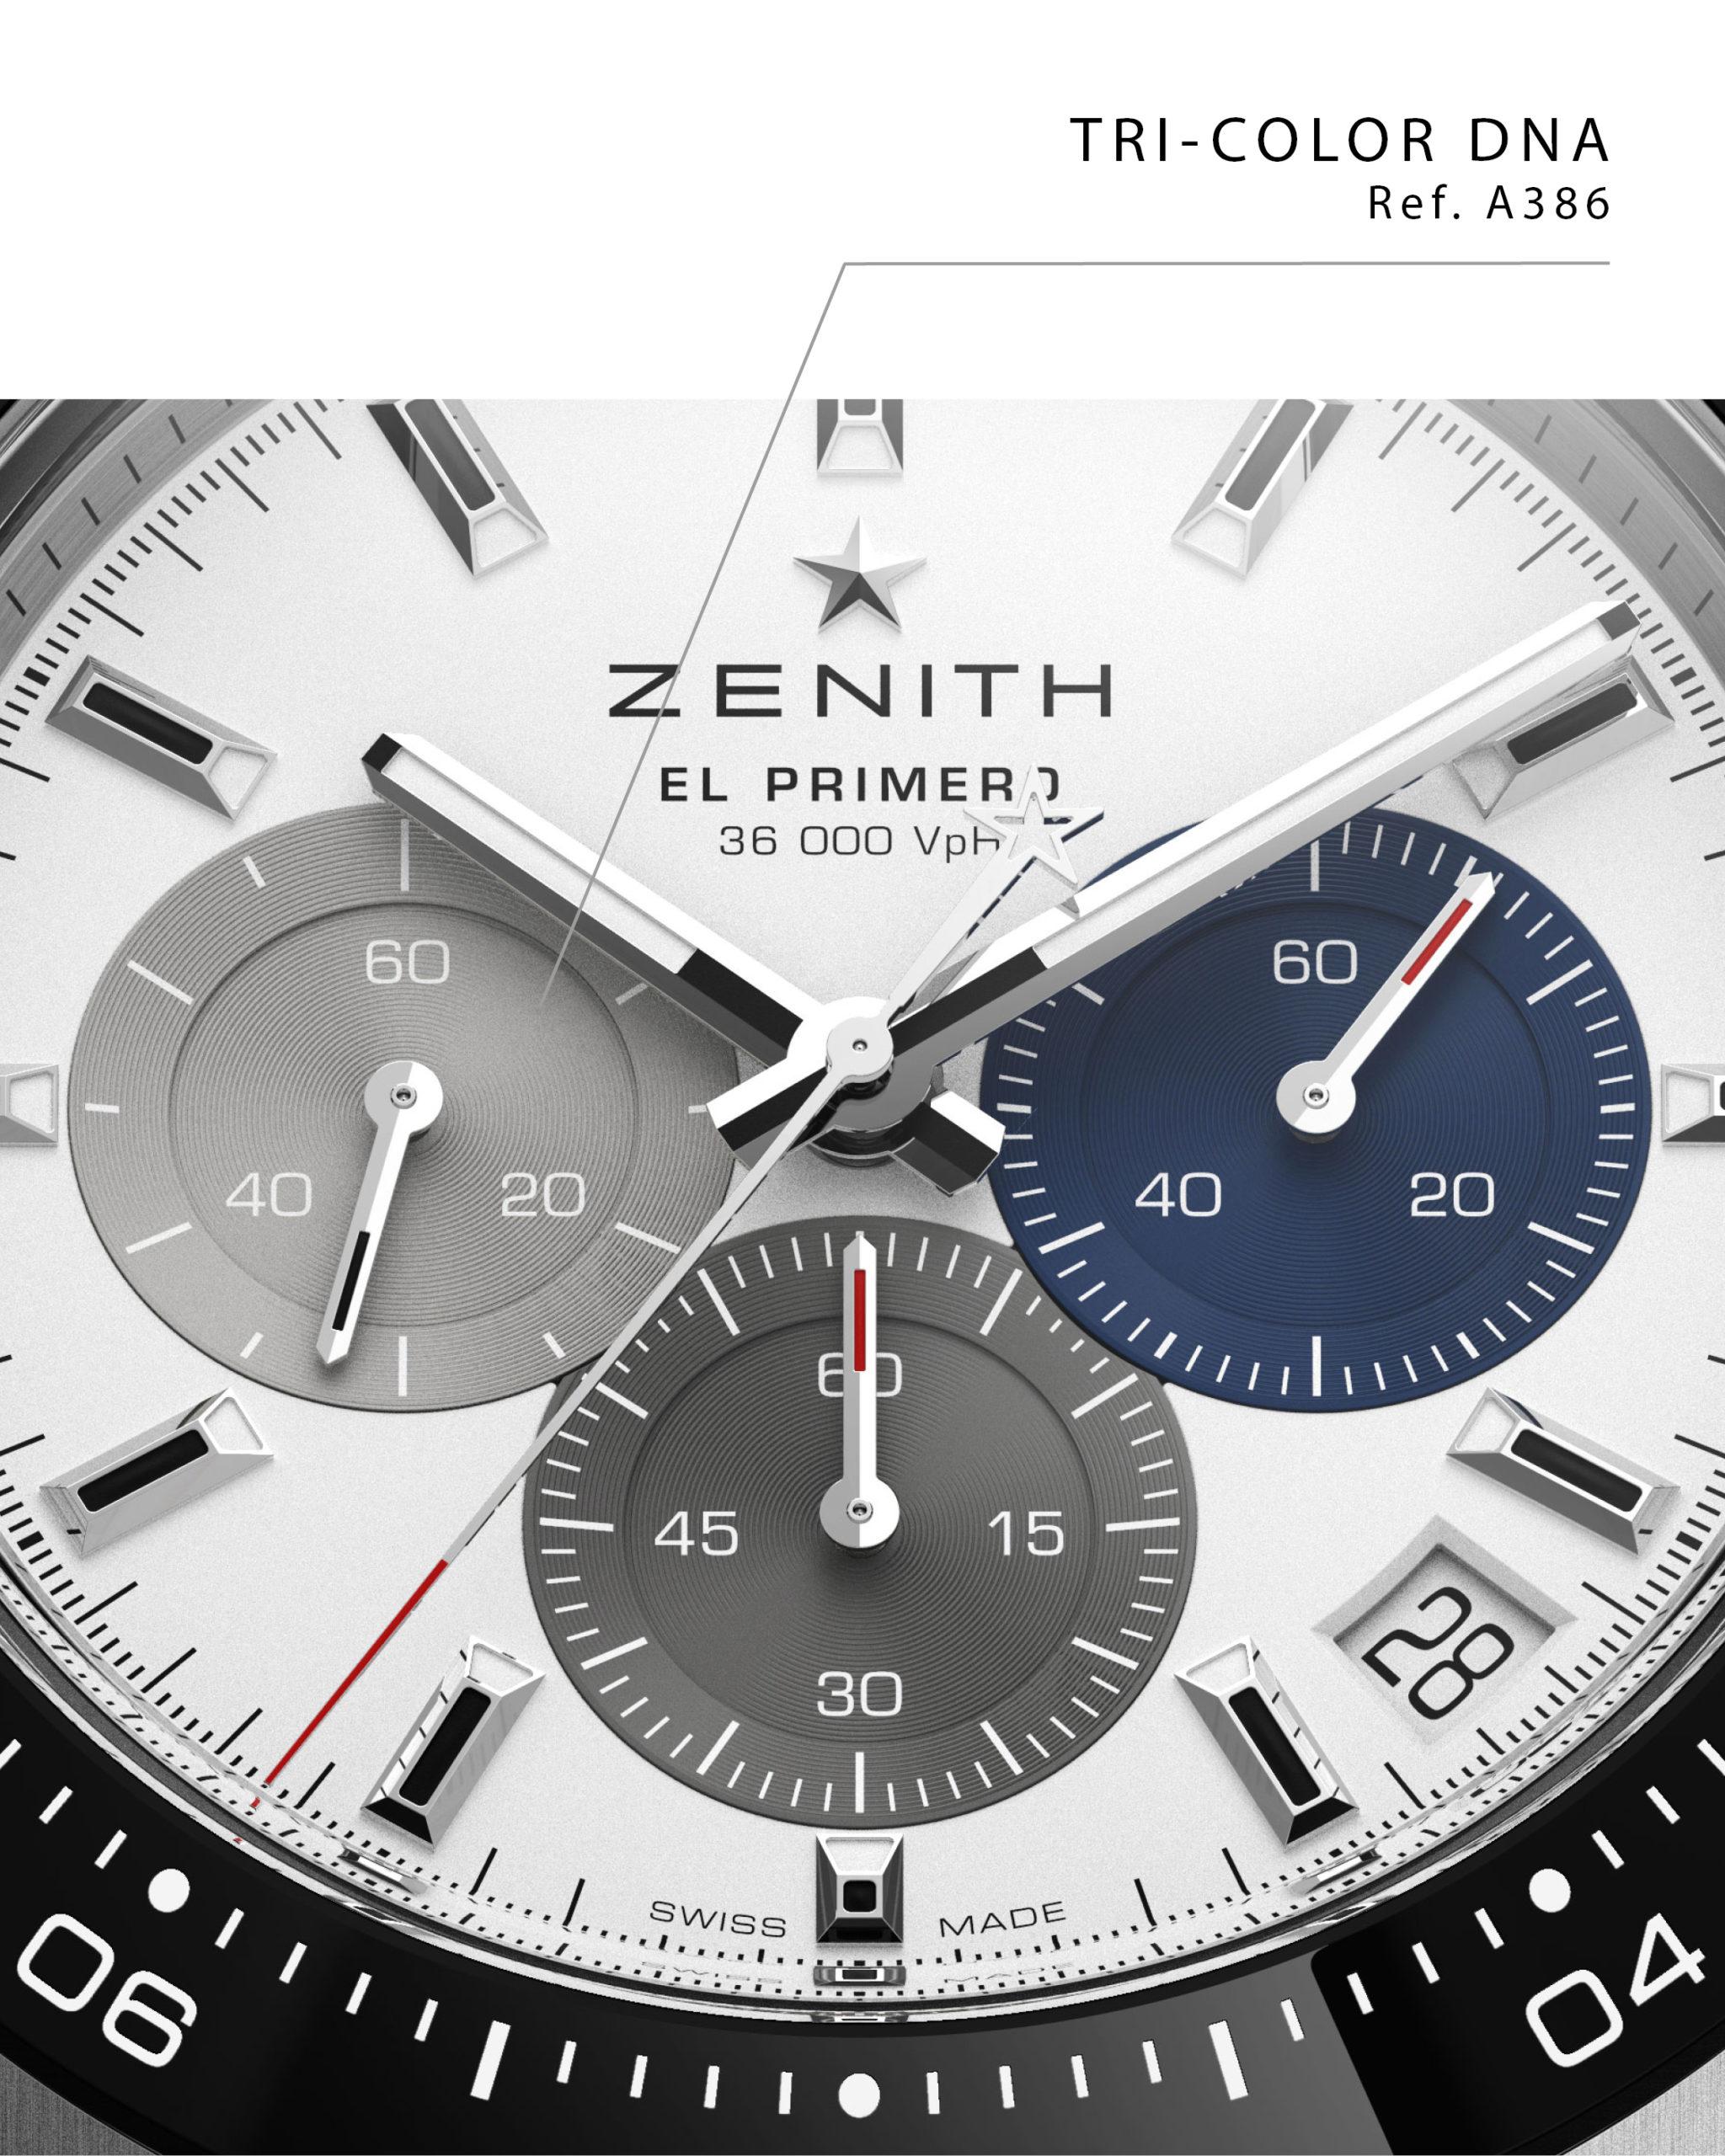 Zenith El Primero 3600 automatic